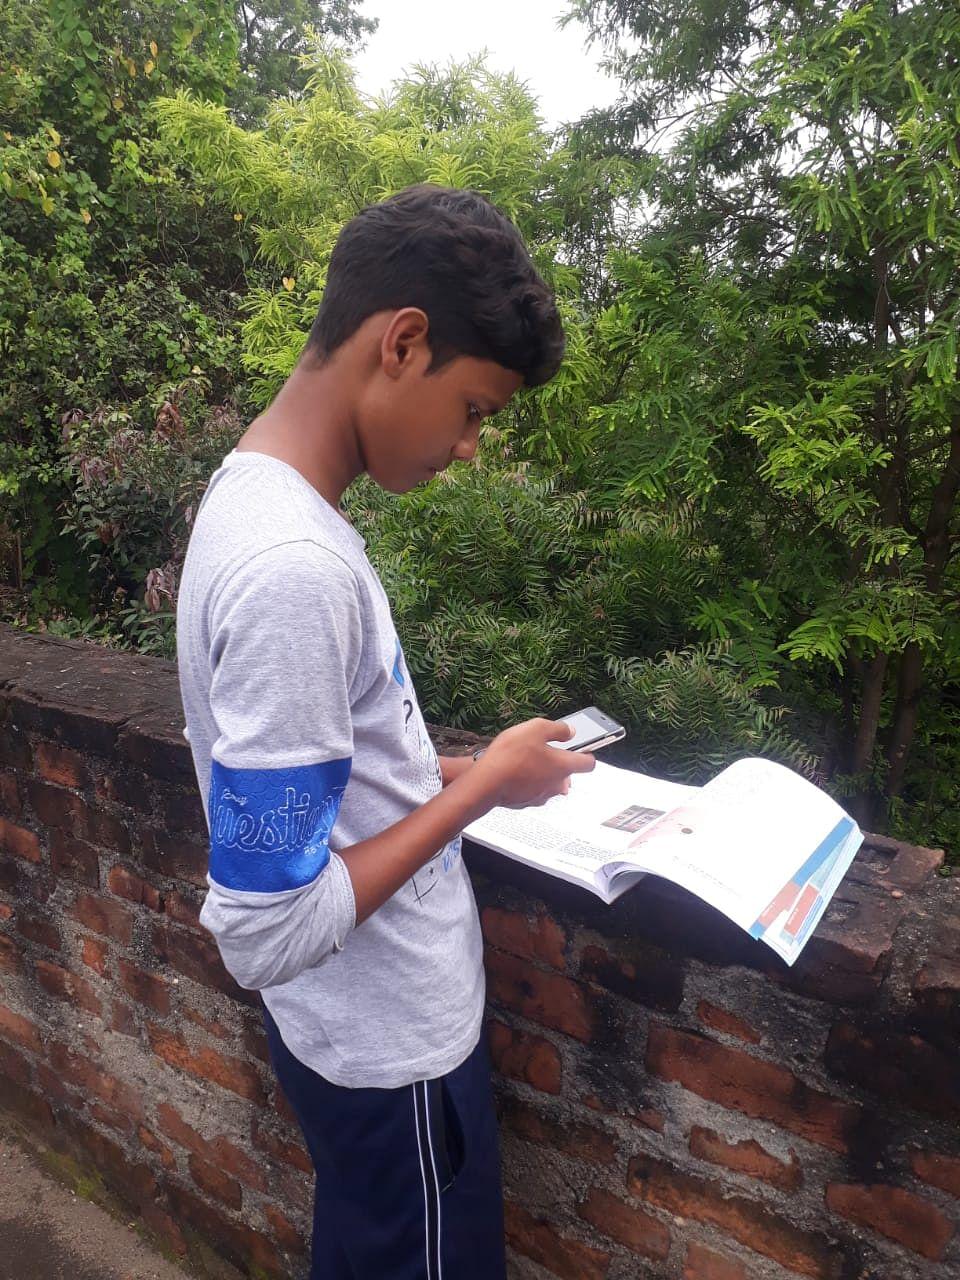 अपने घर की छत पर नेटवर्क ढूंढता छात्र